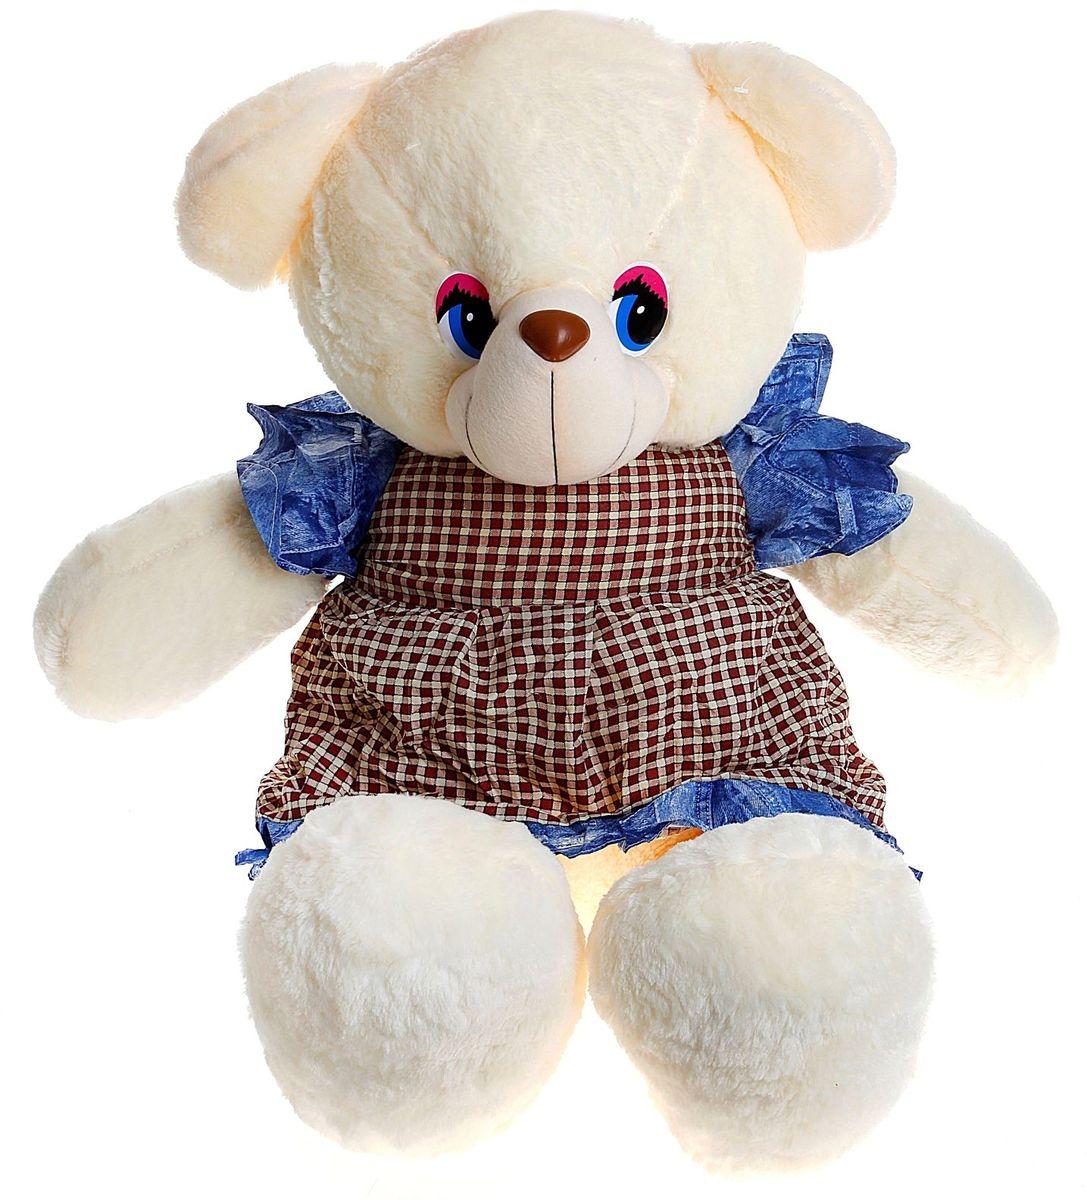 Sima-land Мягкая игрушка Медведь в платье с джинсовыми вставками 80 см 1034156 sima land мягкая игрушка лисенок рыжик 60 см